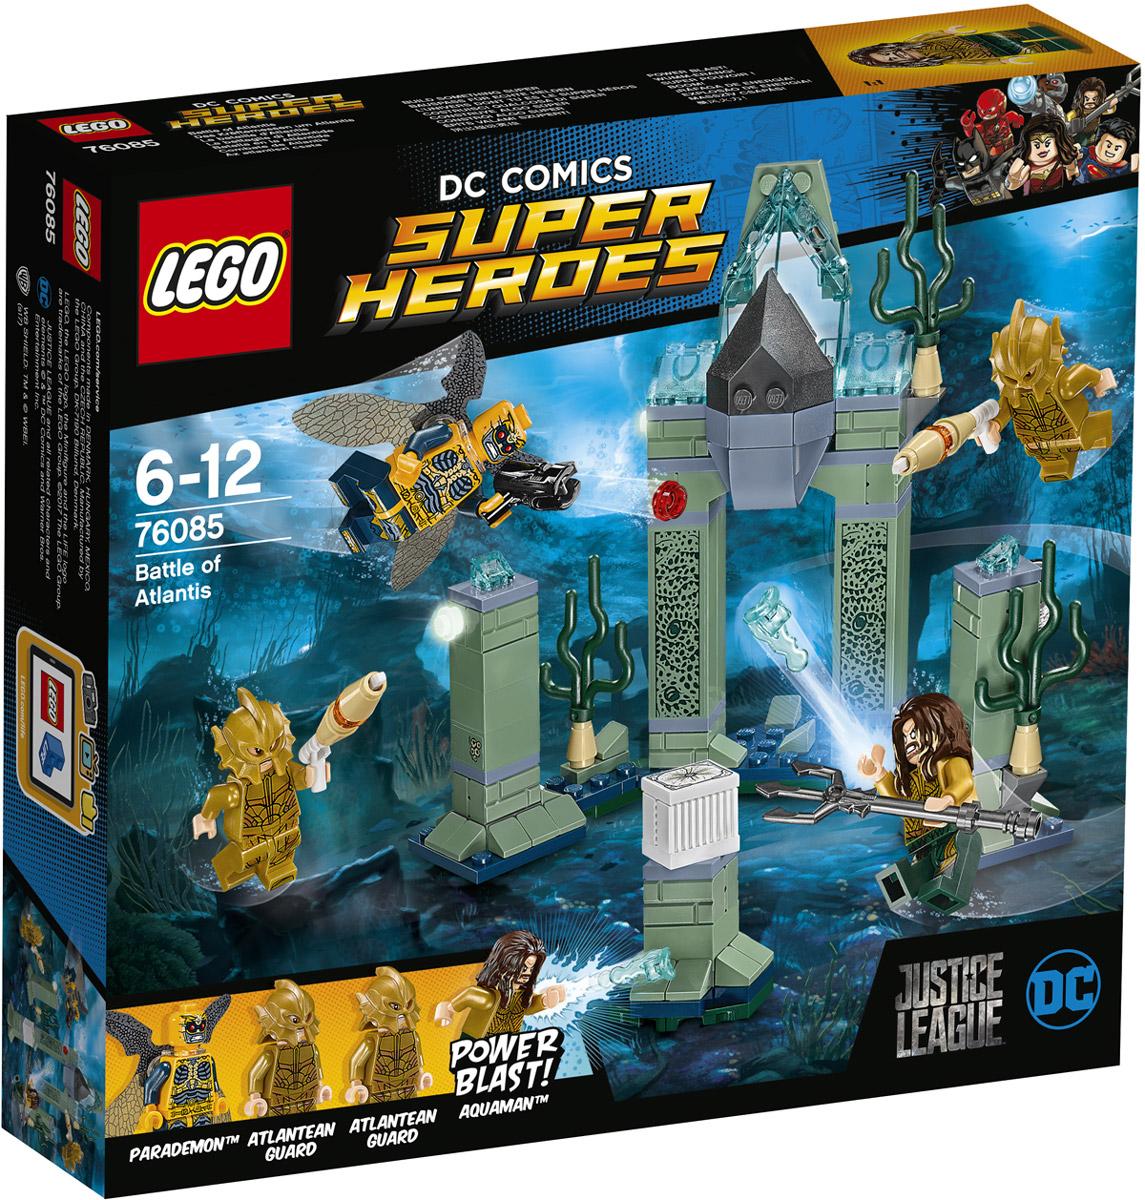 LEGO Super Heroes Конструктор Битва за Атлантиду 76085 конструктор lego super heroes битва за атлантиду 76085 l